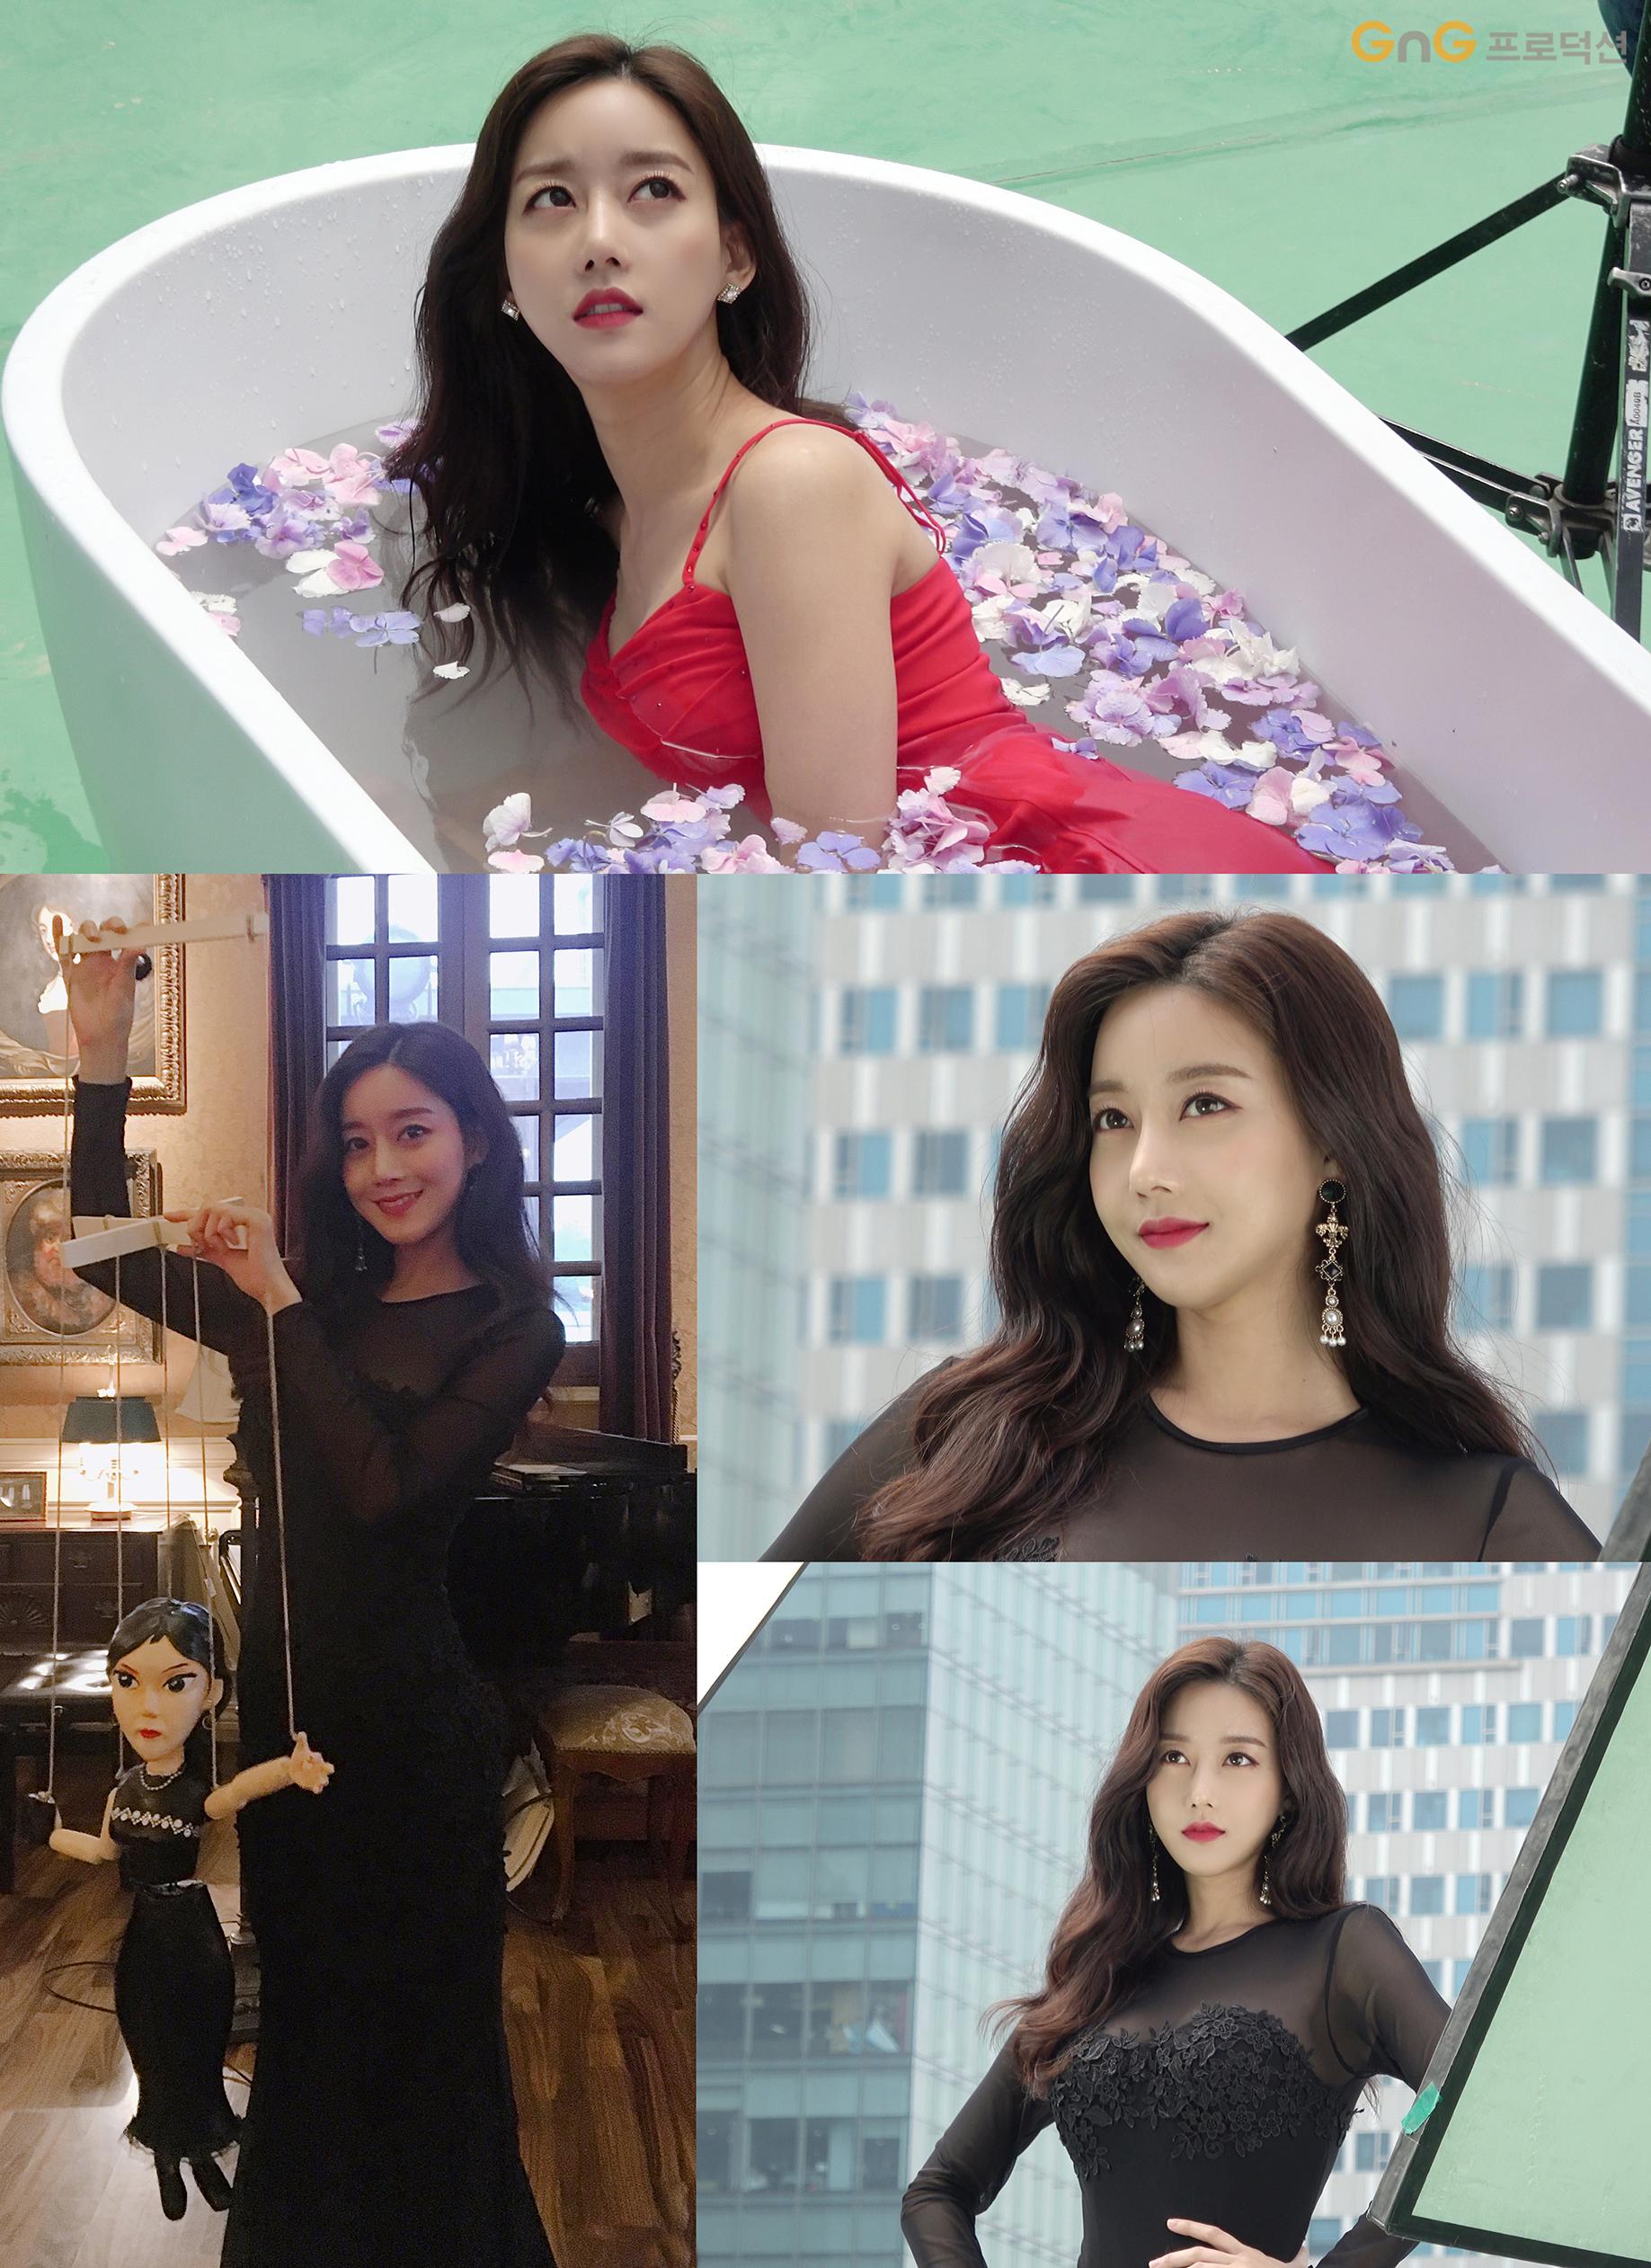 '비밀과 거짓말' 오승아, 도도함 가득한 포스터 촬영 비하인드… 색다른 악녀 변신 완료